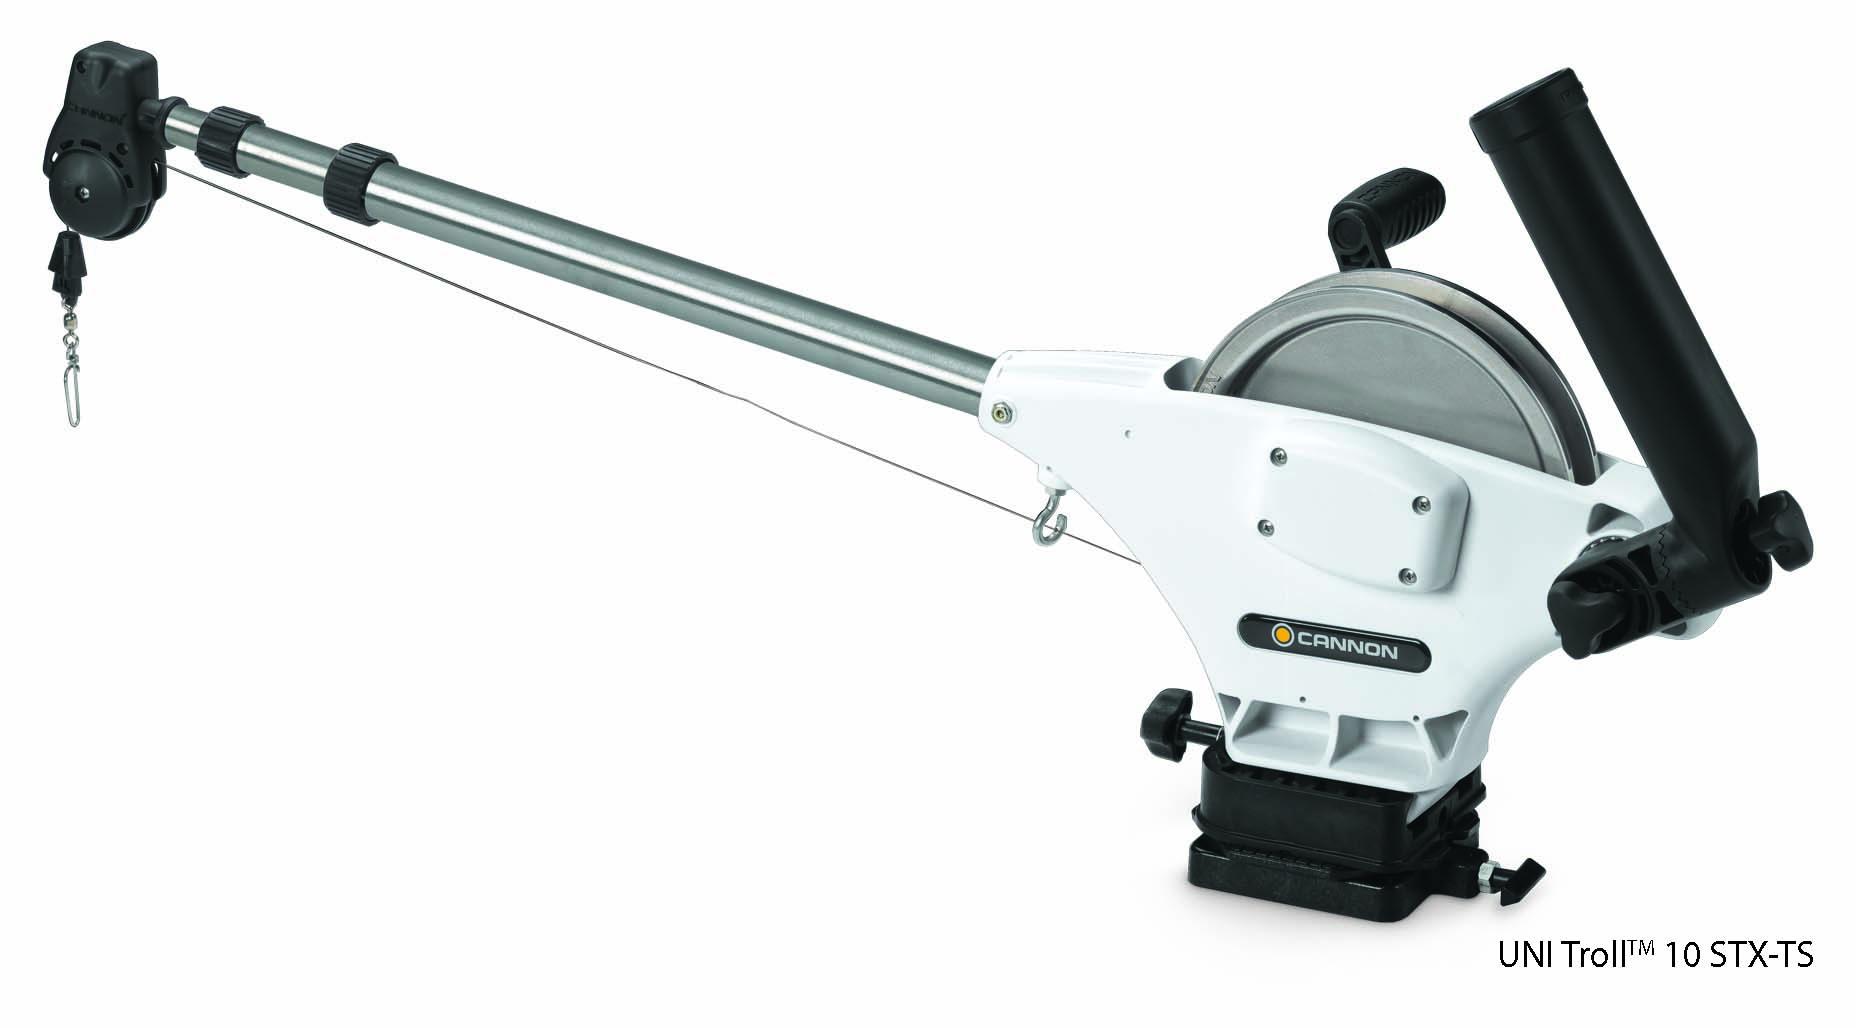 Cannon Downrigger Uni Troll 10 STX-TS